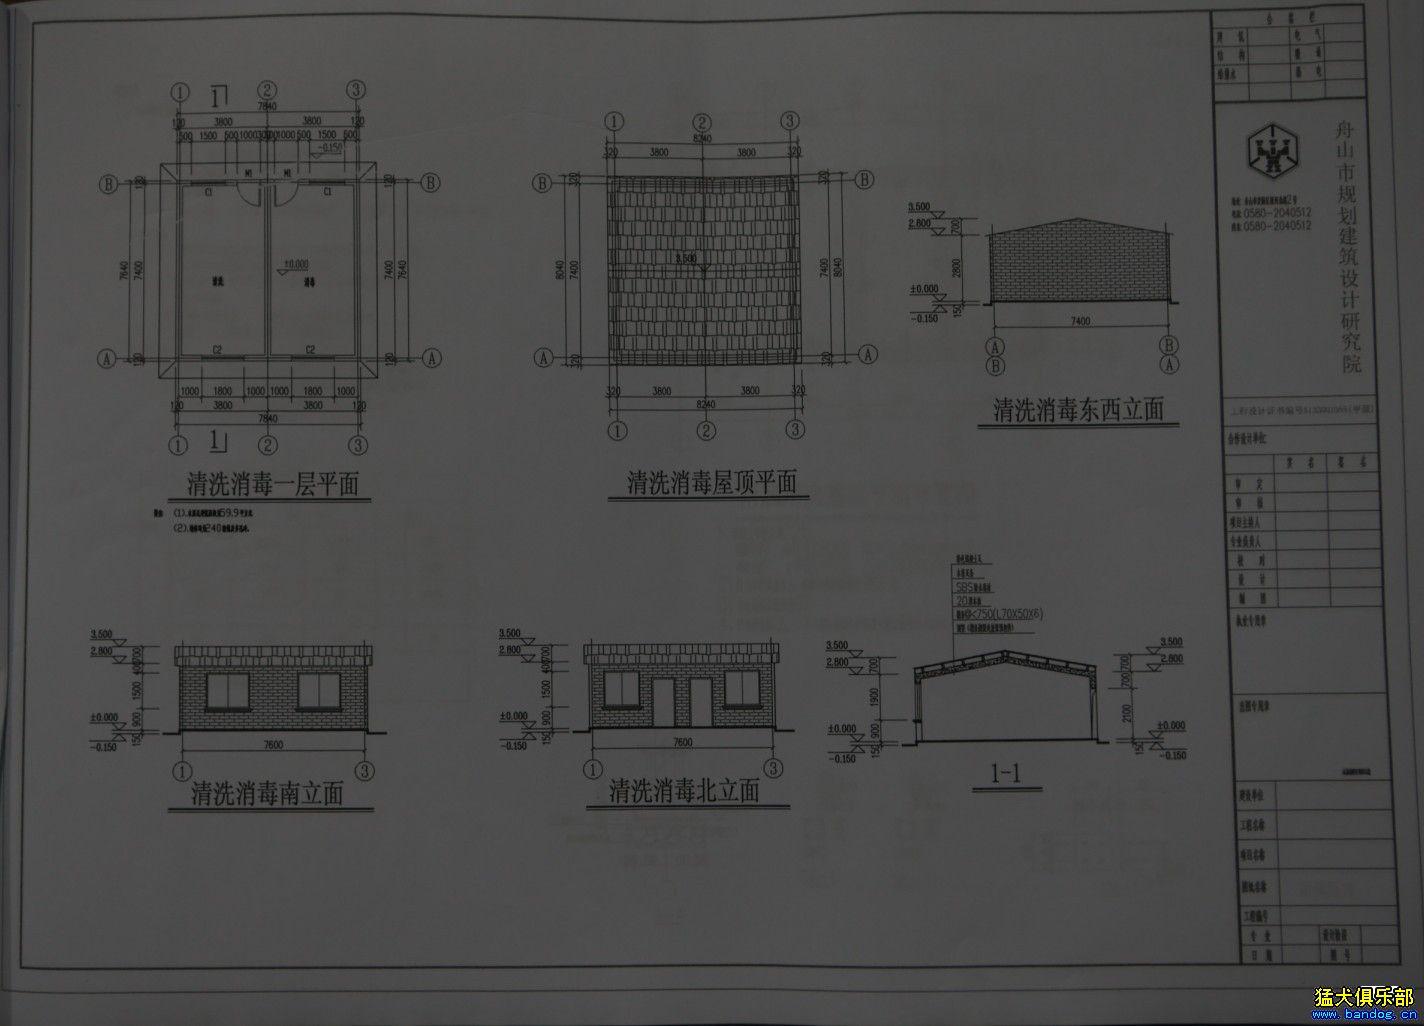 犬舍建设设计图纸和建设现场照片(供大家建设犬舍时候